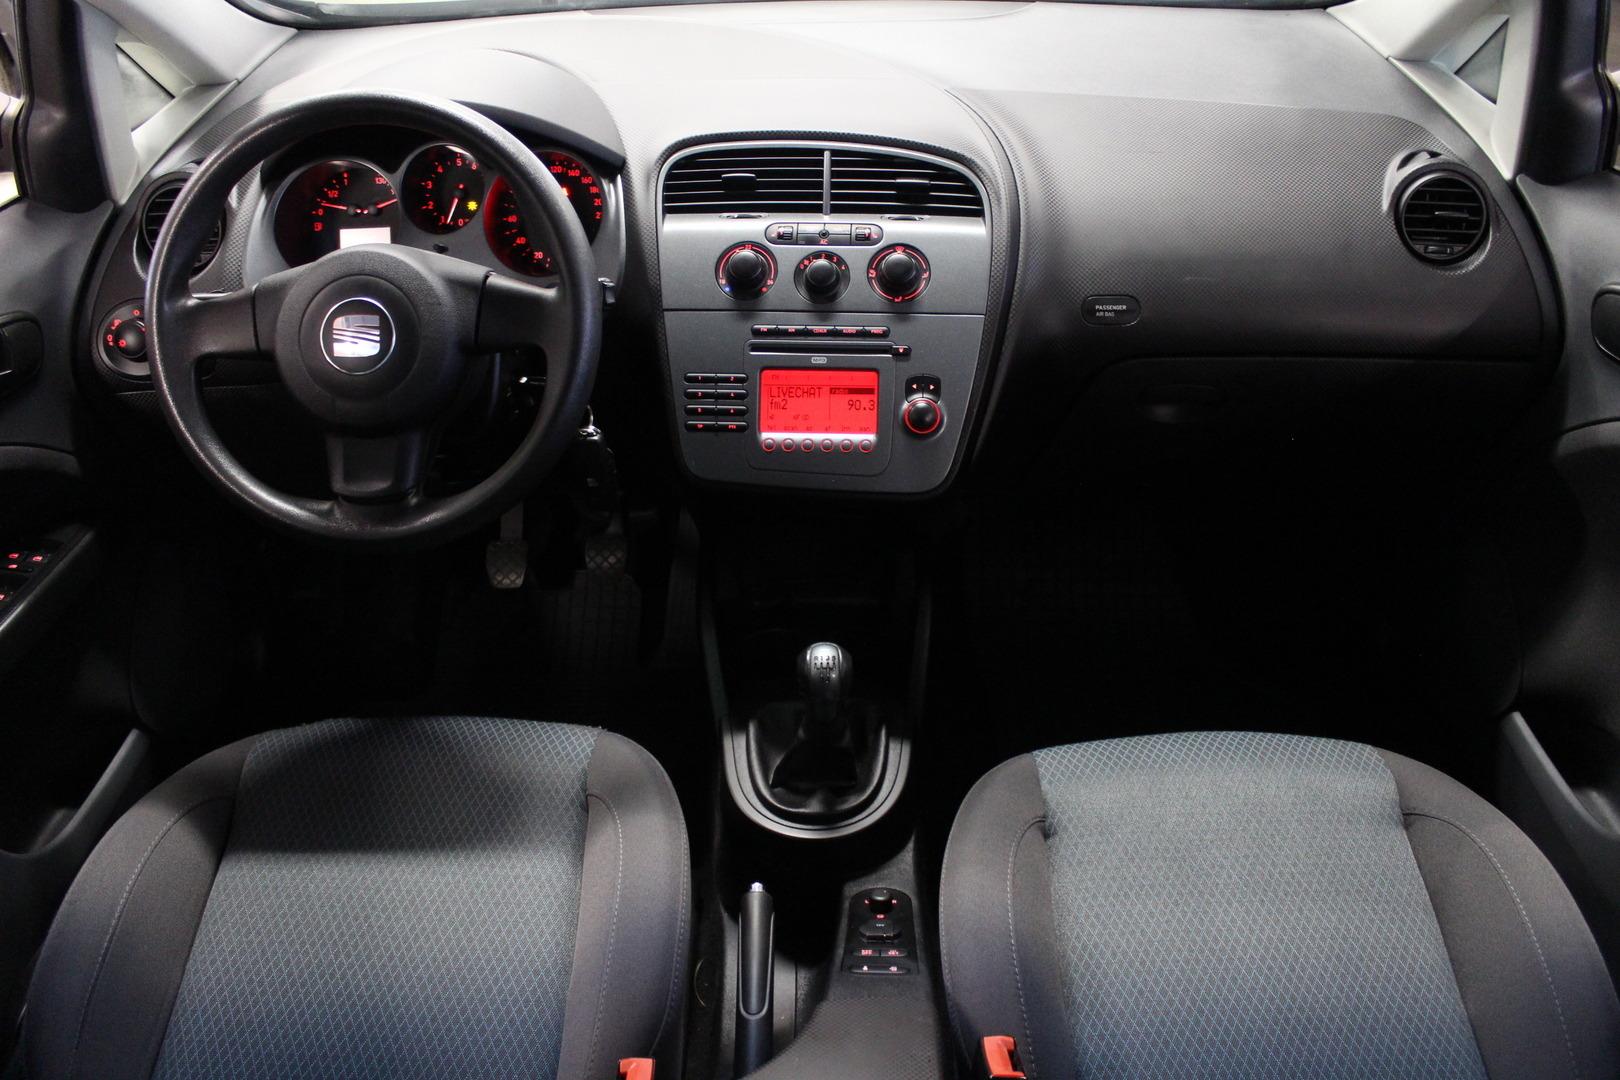 Seat ALTEA XL, 1.6 #Hyvin pidetty #Järkevä #Suomi-auto